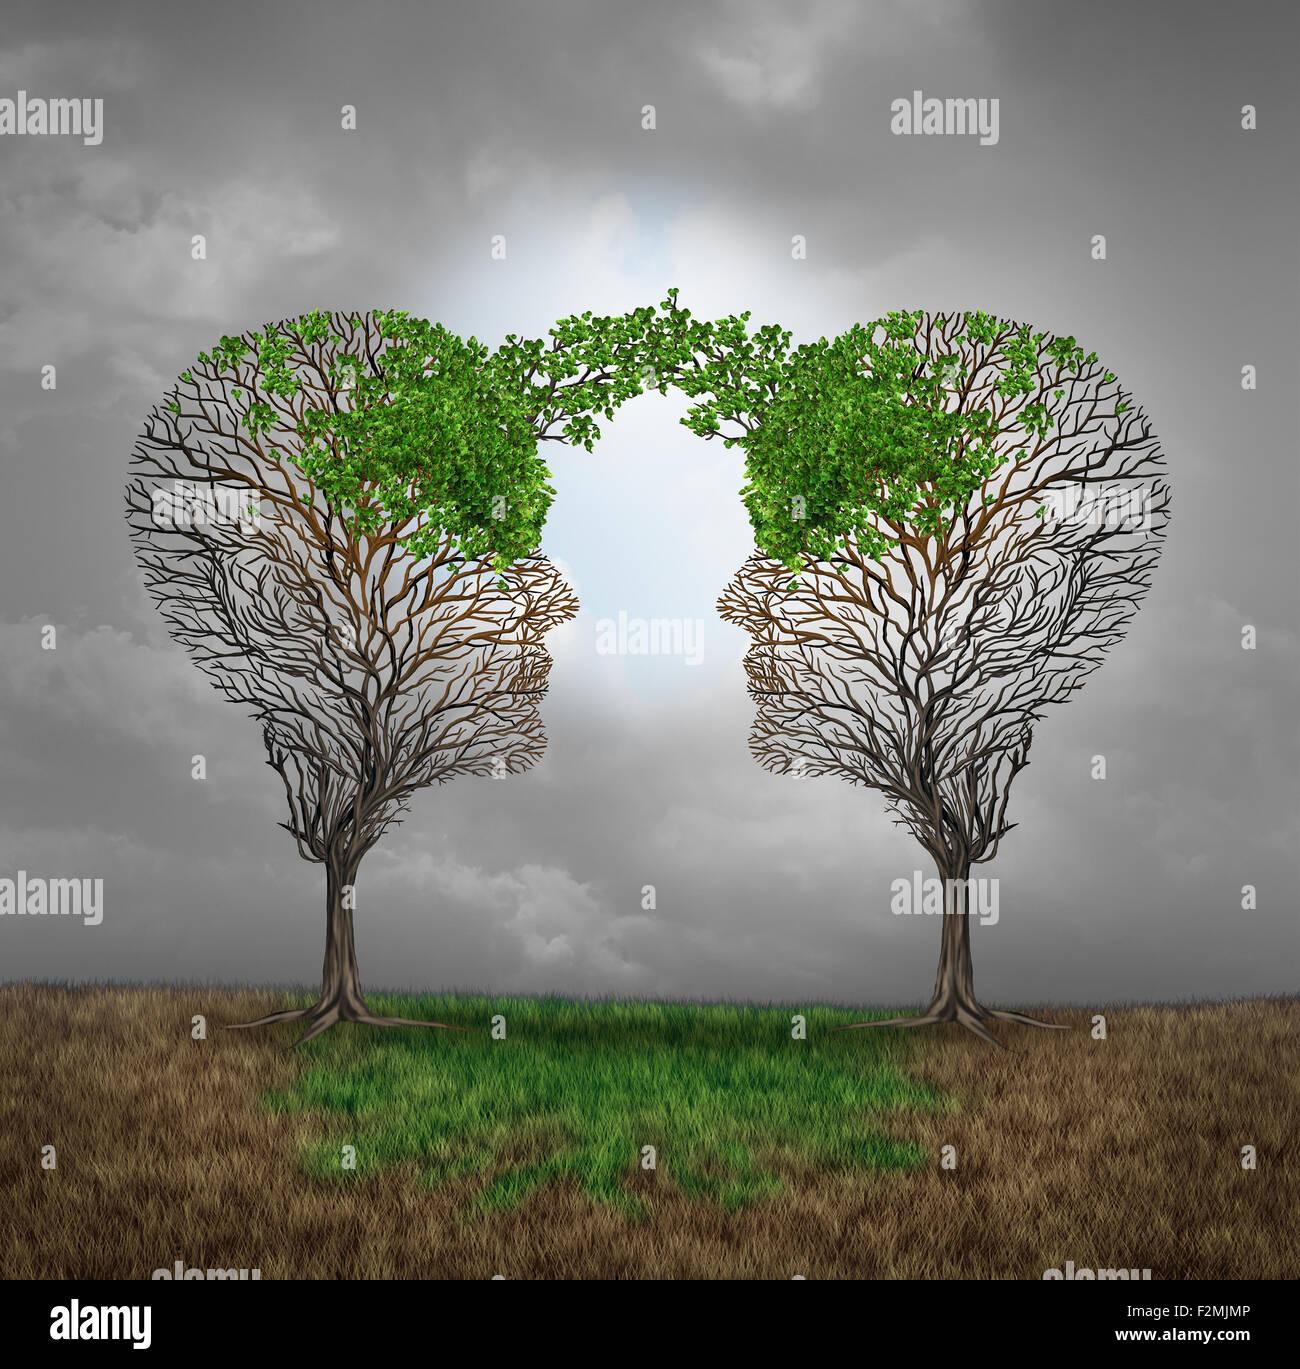 Gegenseitige Unterstützung und speichern einander als Nutzen für einander Geschäftskonzept als zwei kranke Bäume Stockfoto